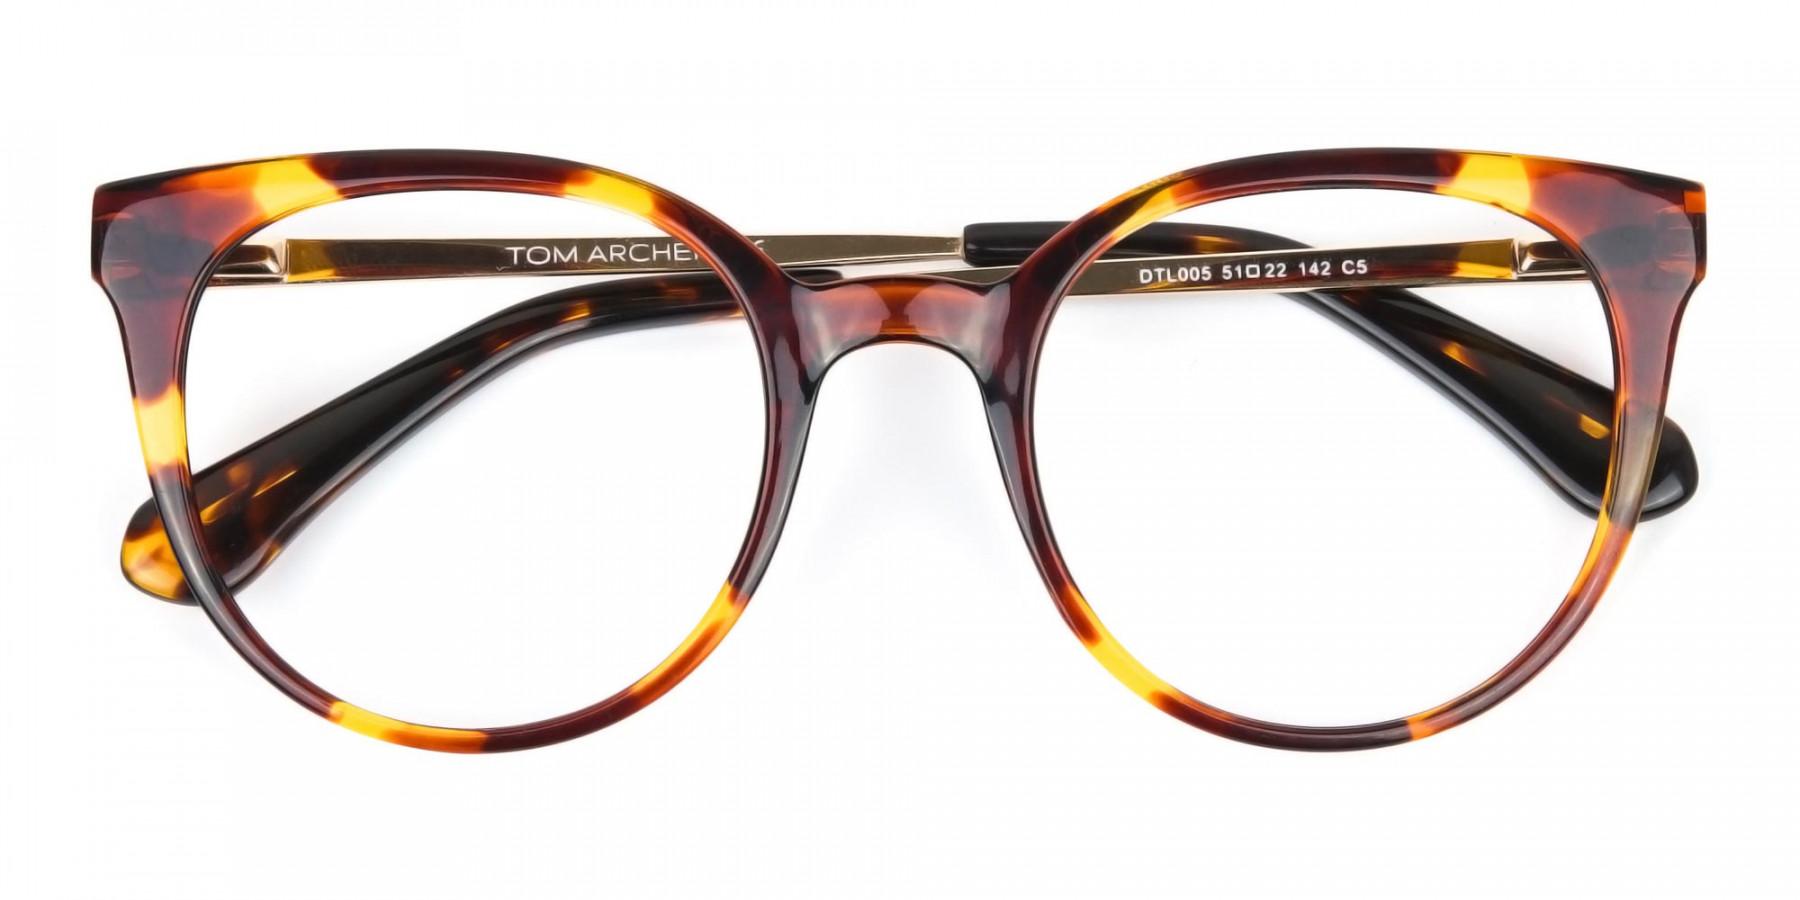 Tortoise Cat-Eye Glasses Gold Temple-1